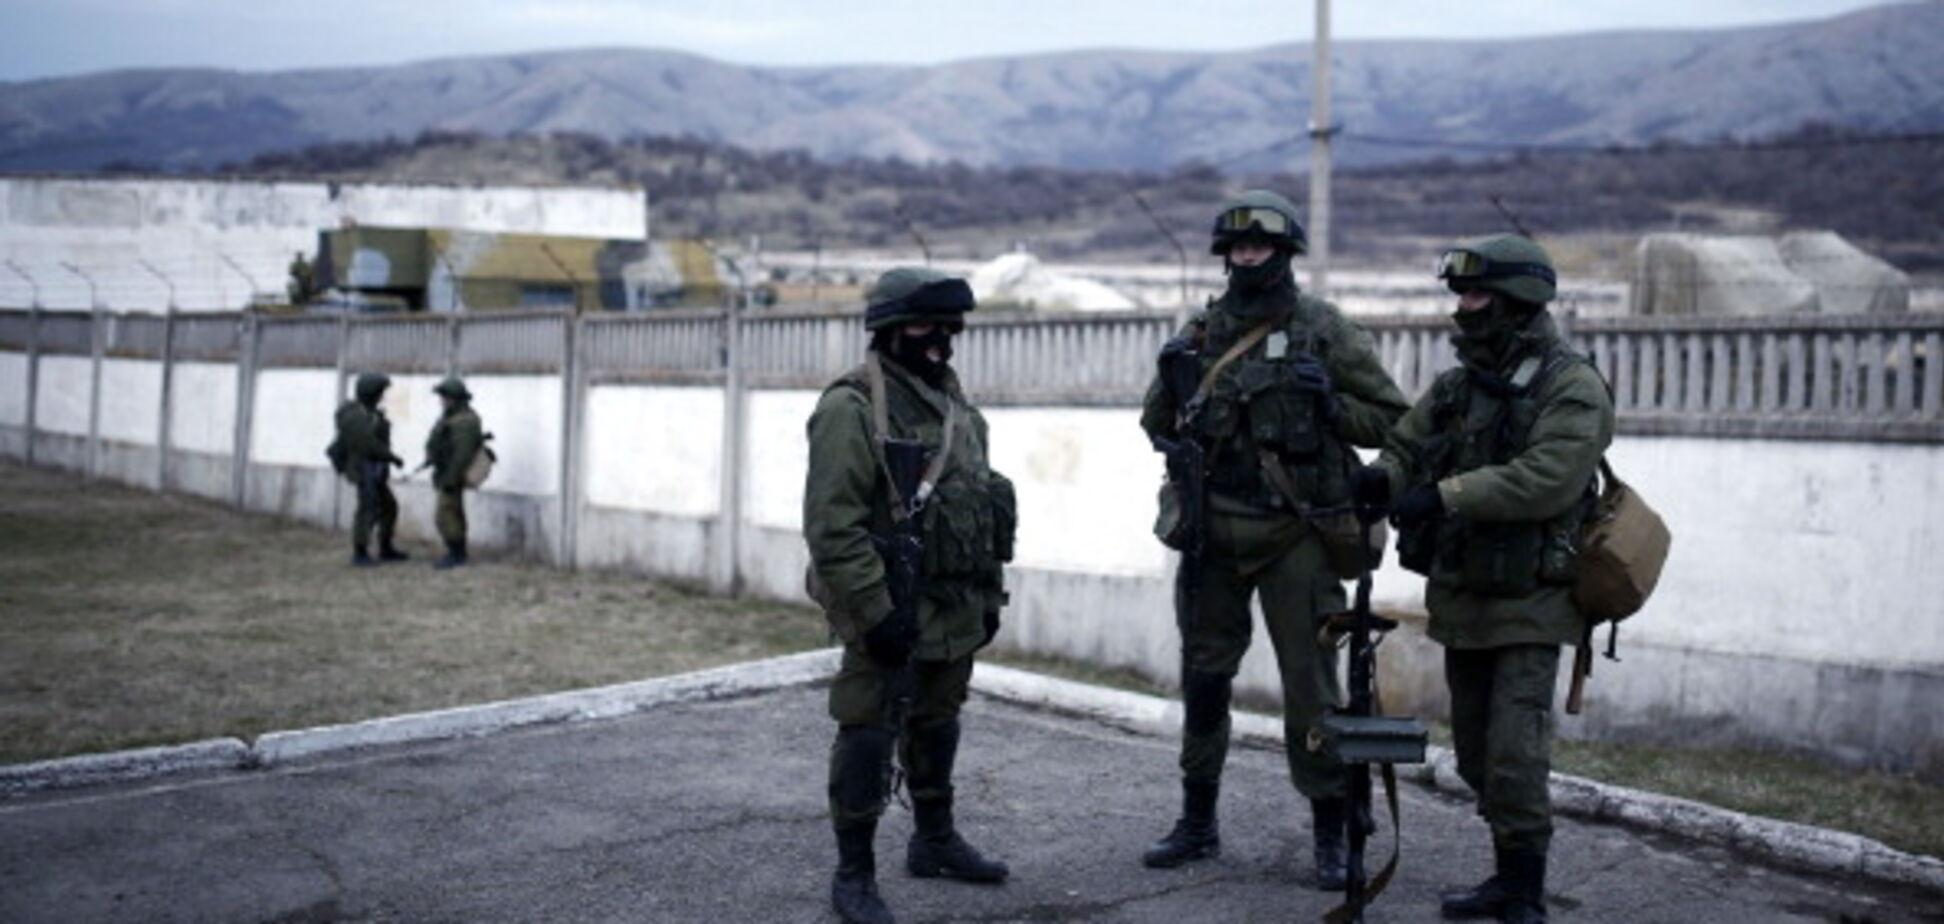 Поліція оголосила в розшук майже 6 тисяч причетних до окупації Криму